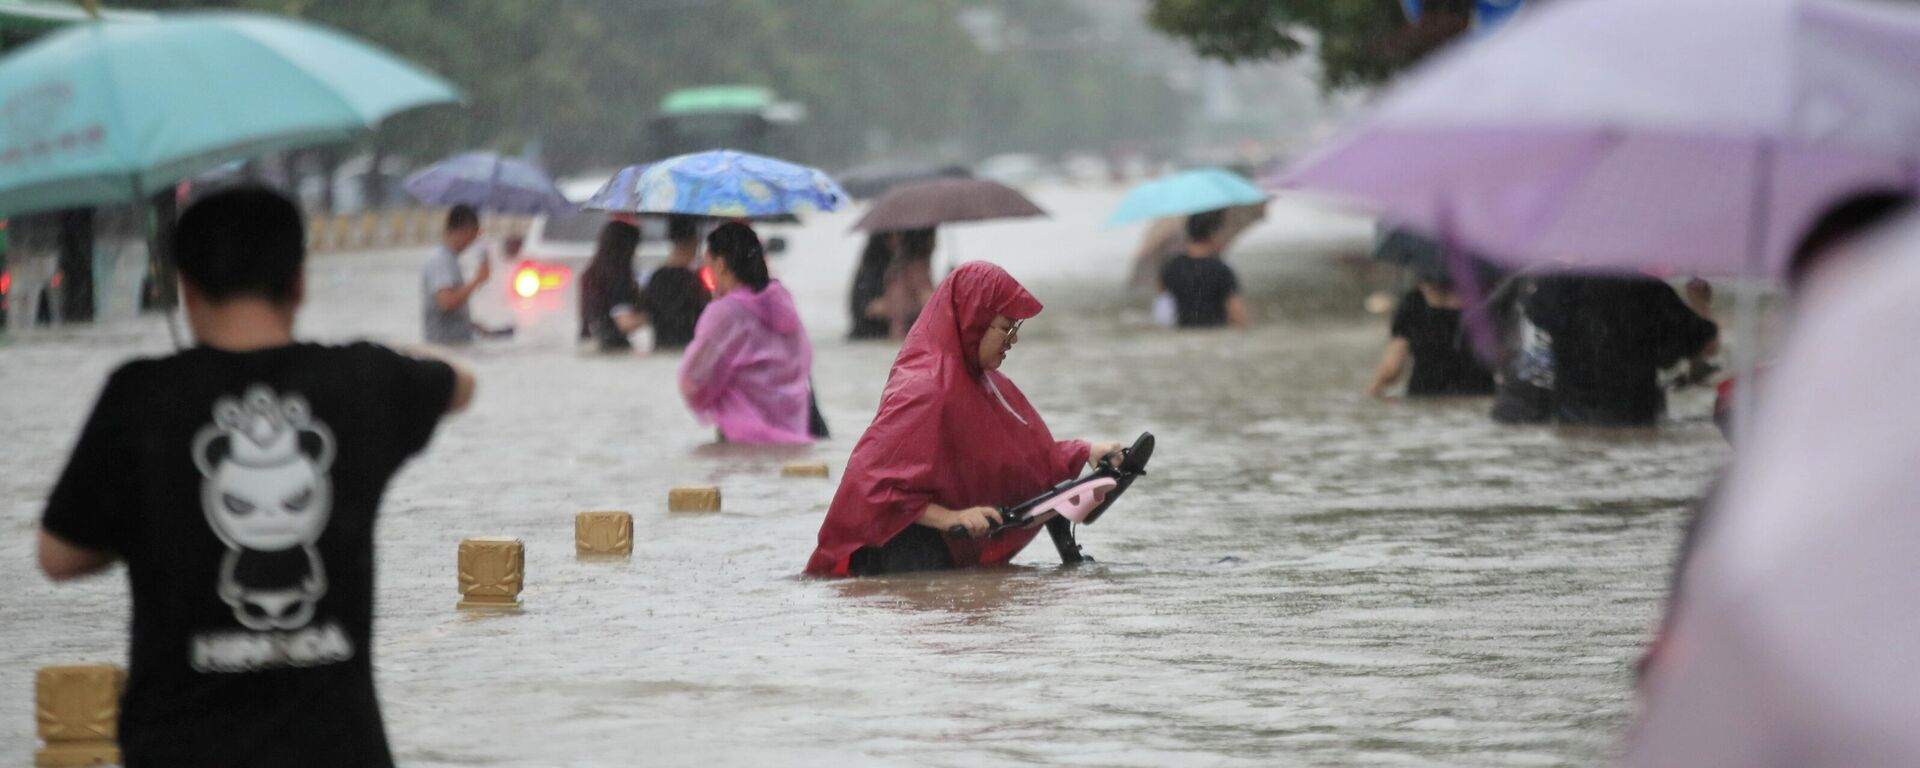 Наводнение в Чжэнчжоу, Китай - Sputnik Latvija, 1920, 08.08.2021